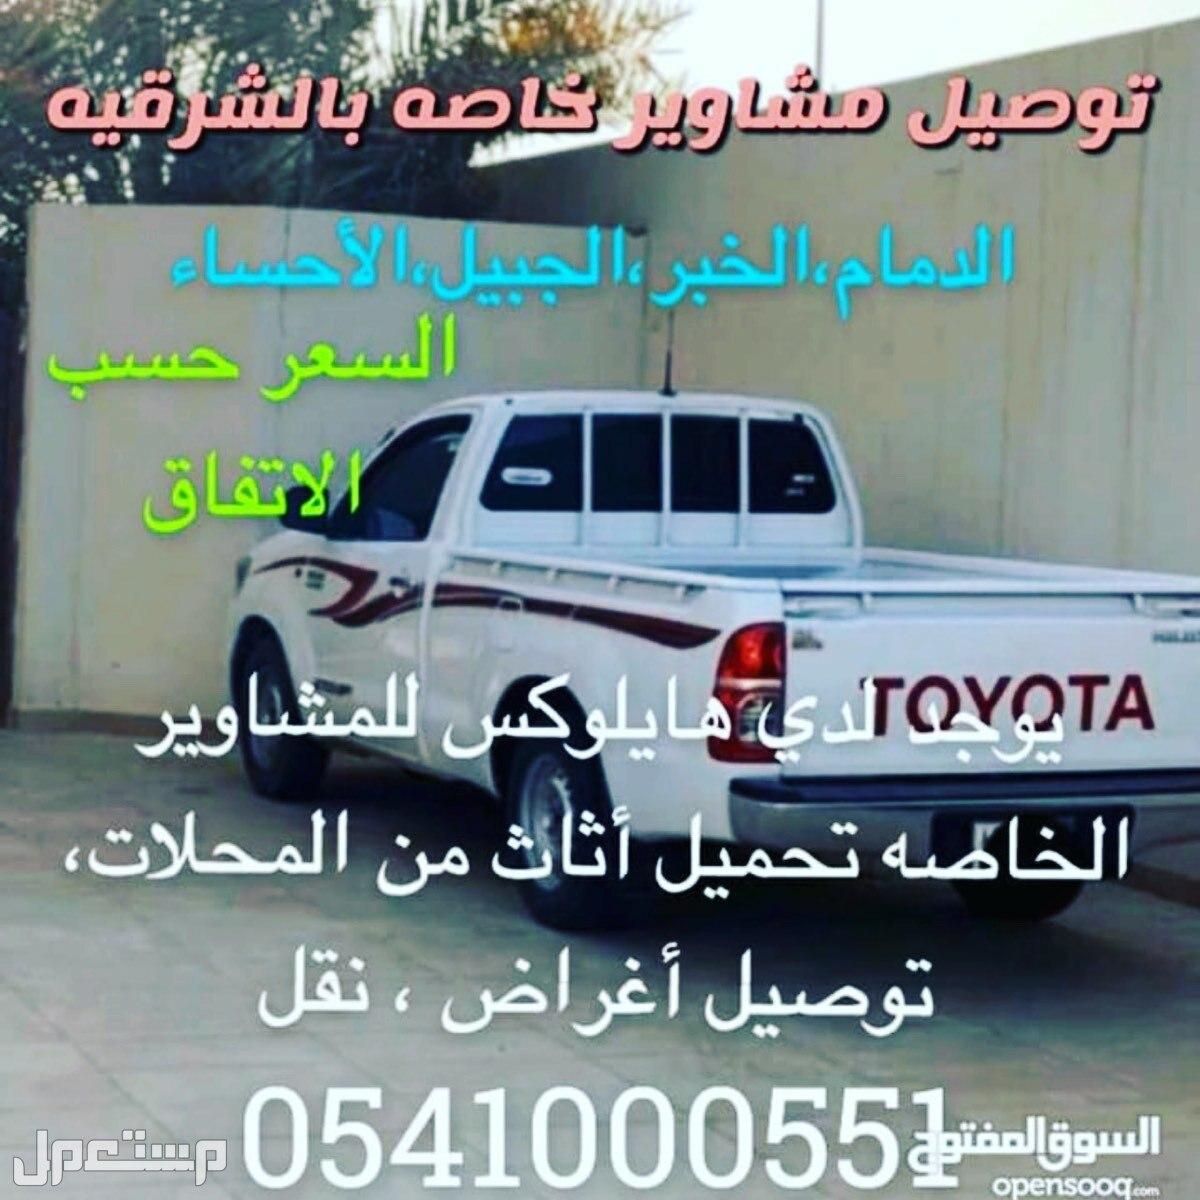 الدمام نقل وتوصيل الاغراض البسيطه في المنطة الشرقيه بأسعار حلوه